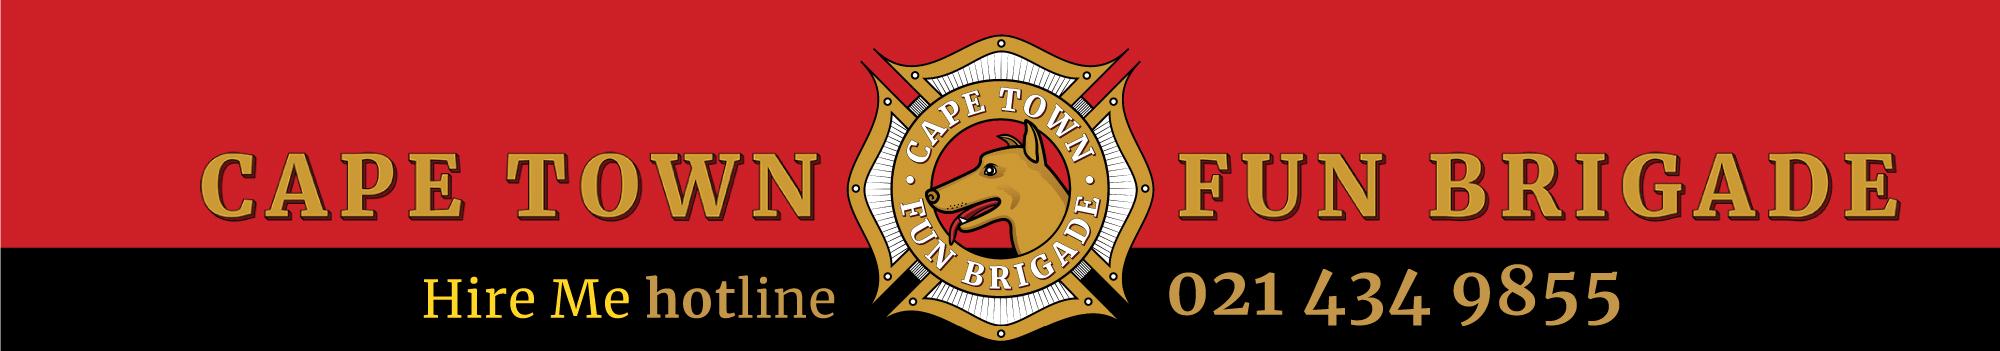 Cape Town Fun Brigade